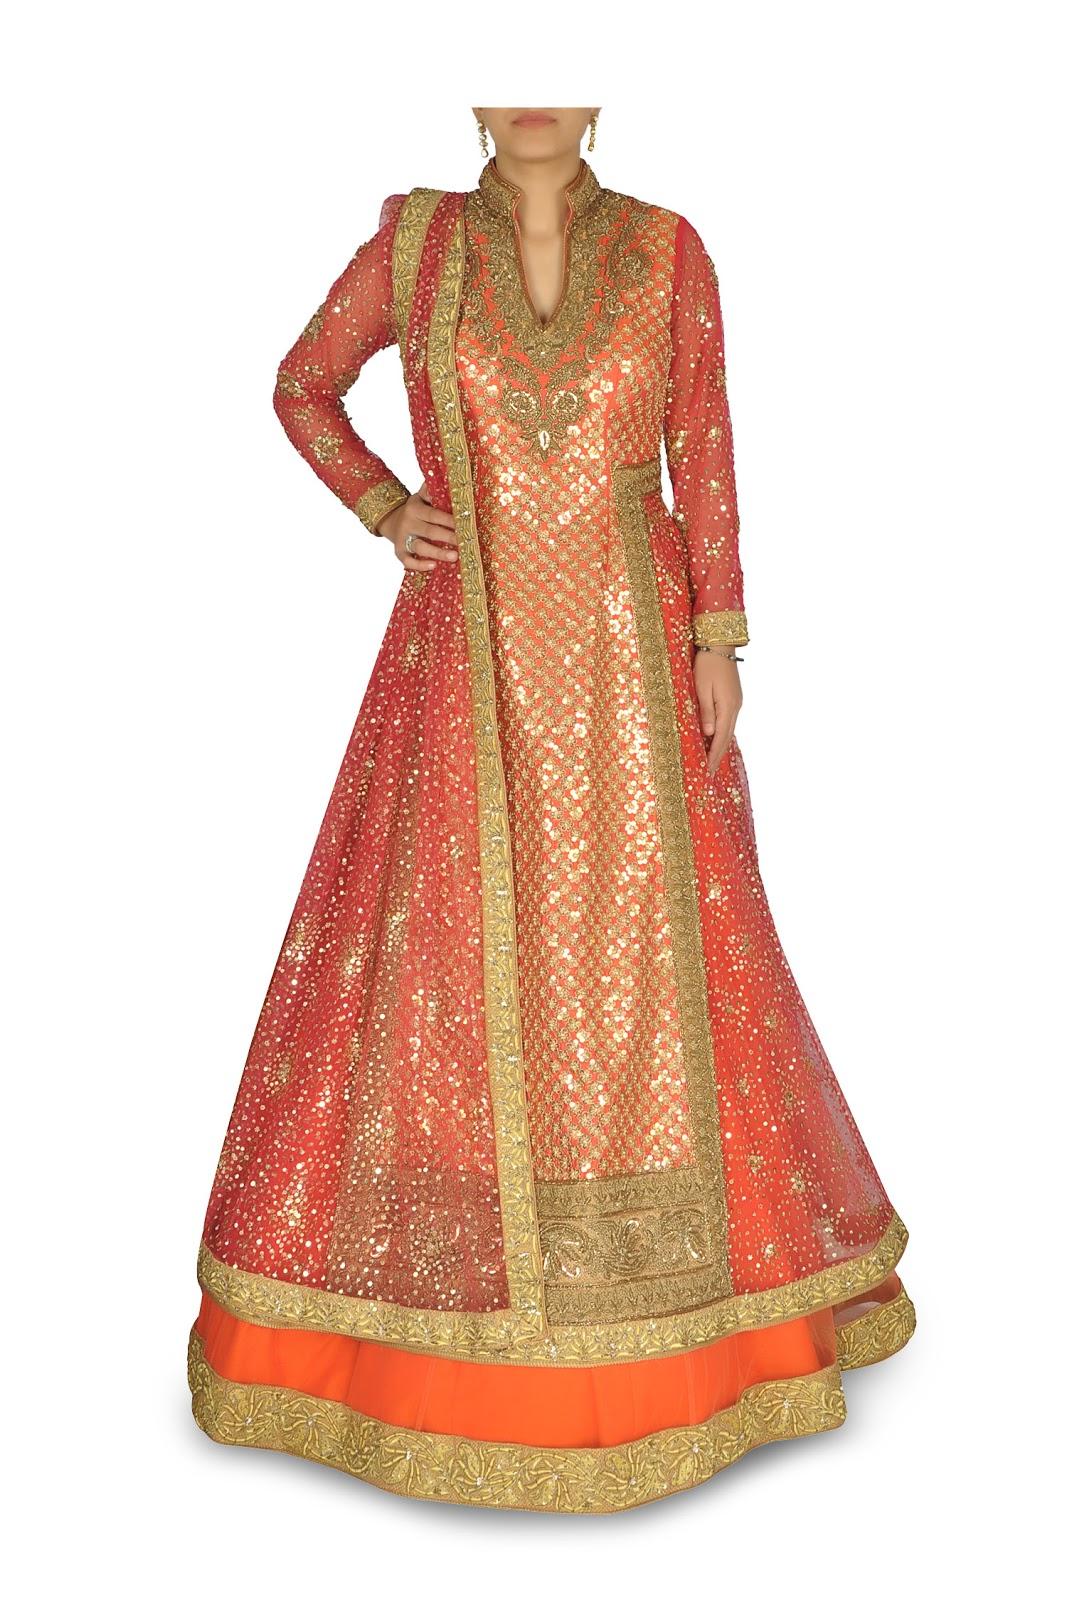 Elegant Indian Clothing & Wedding Outfits